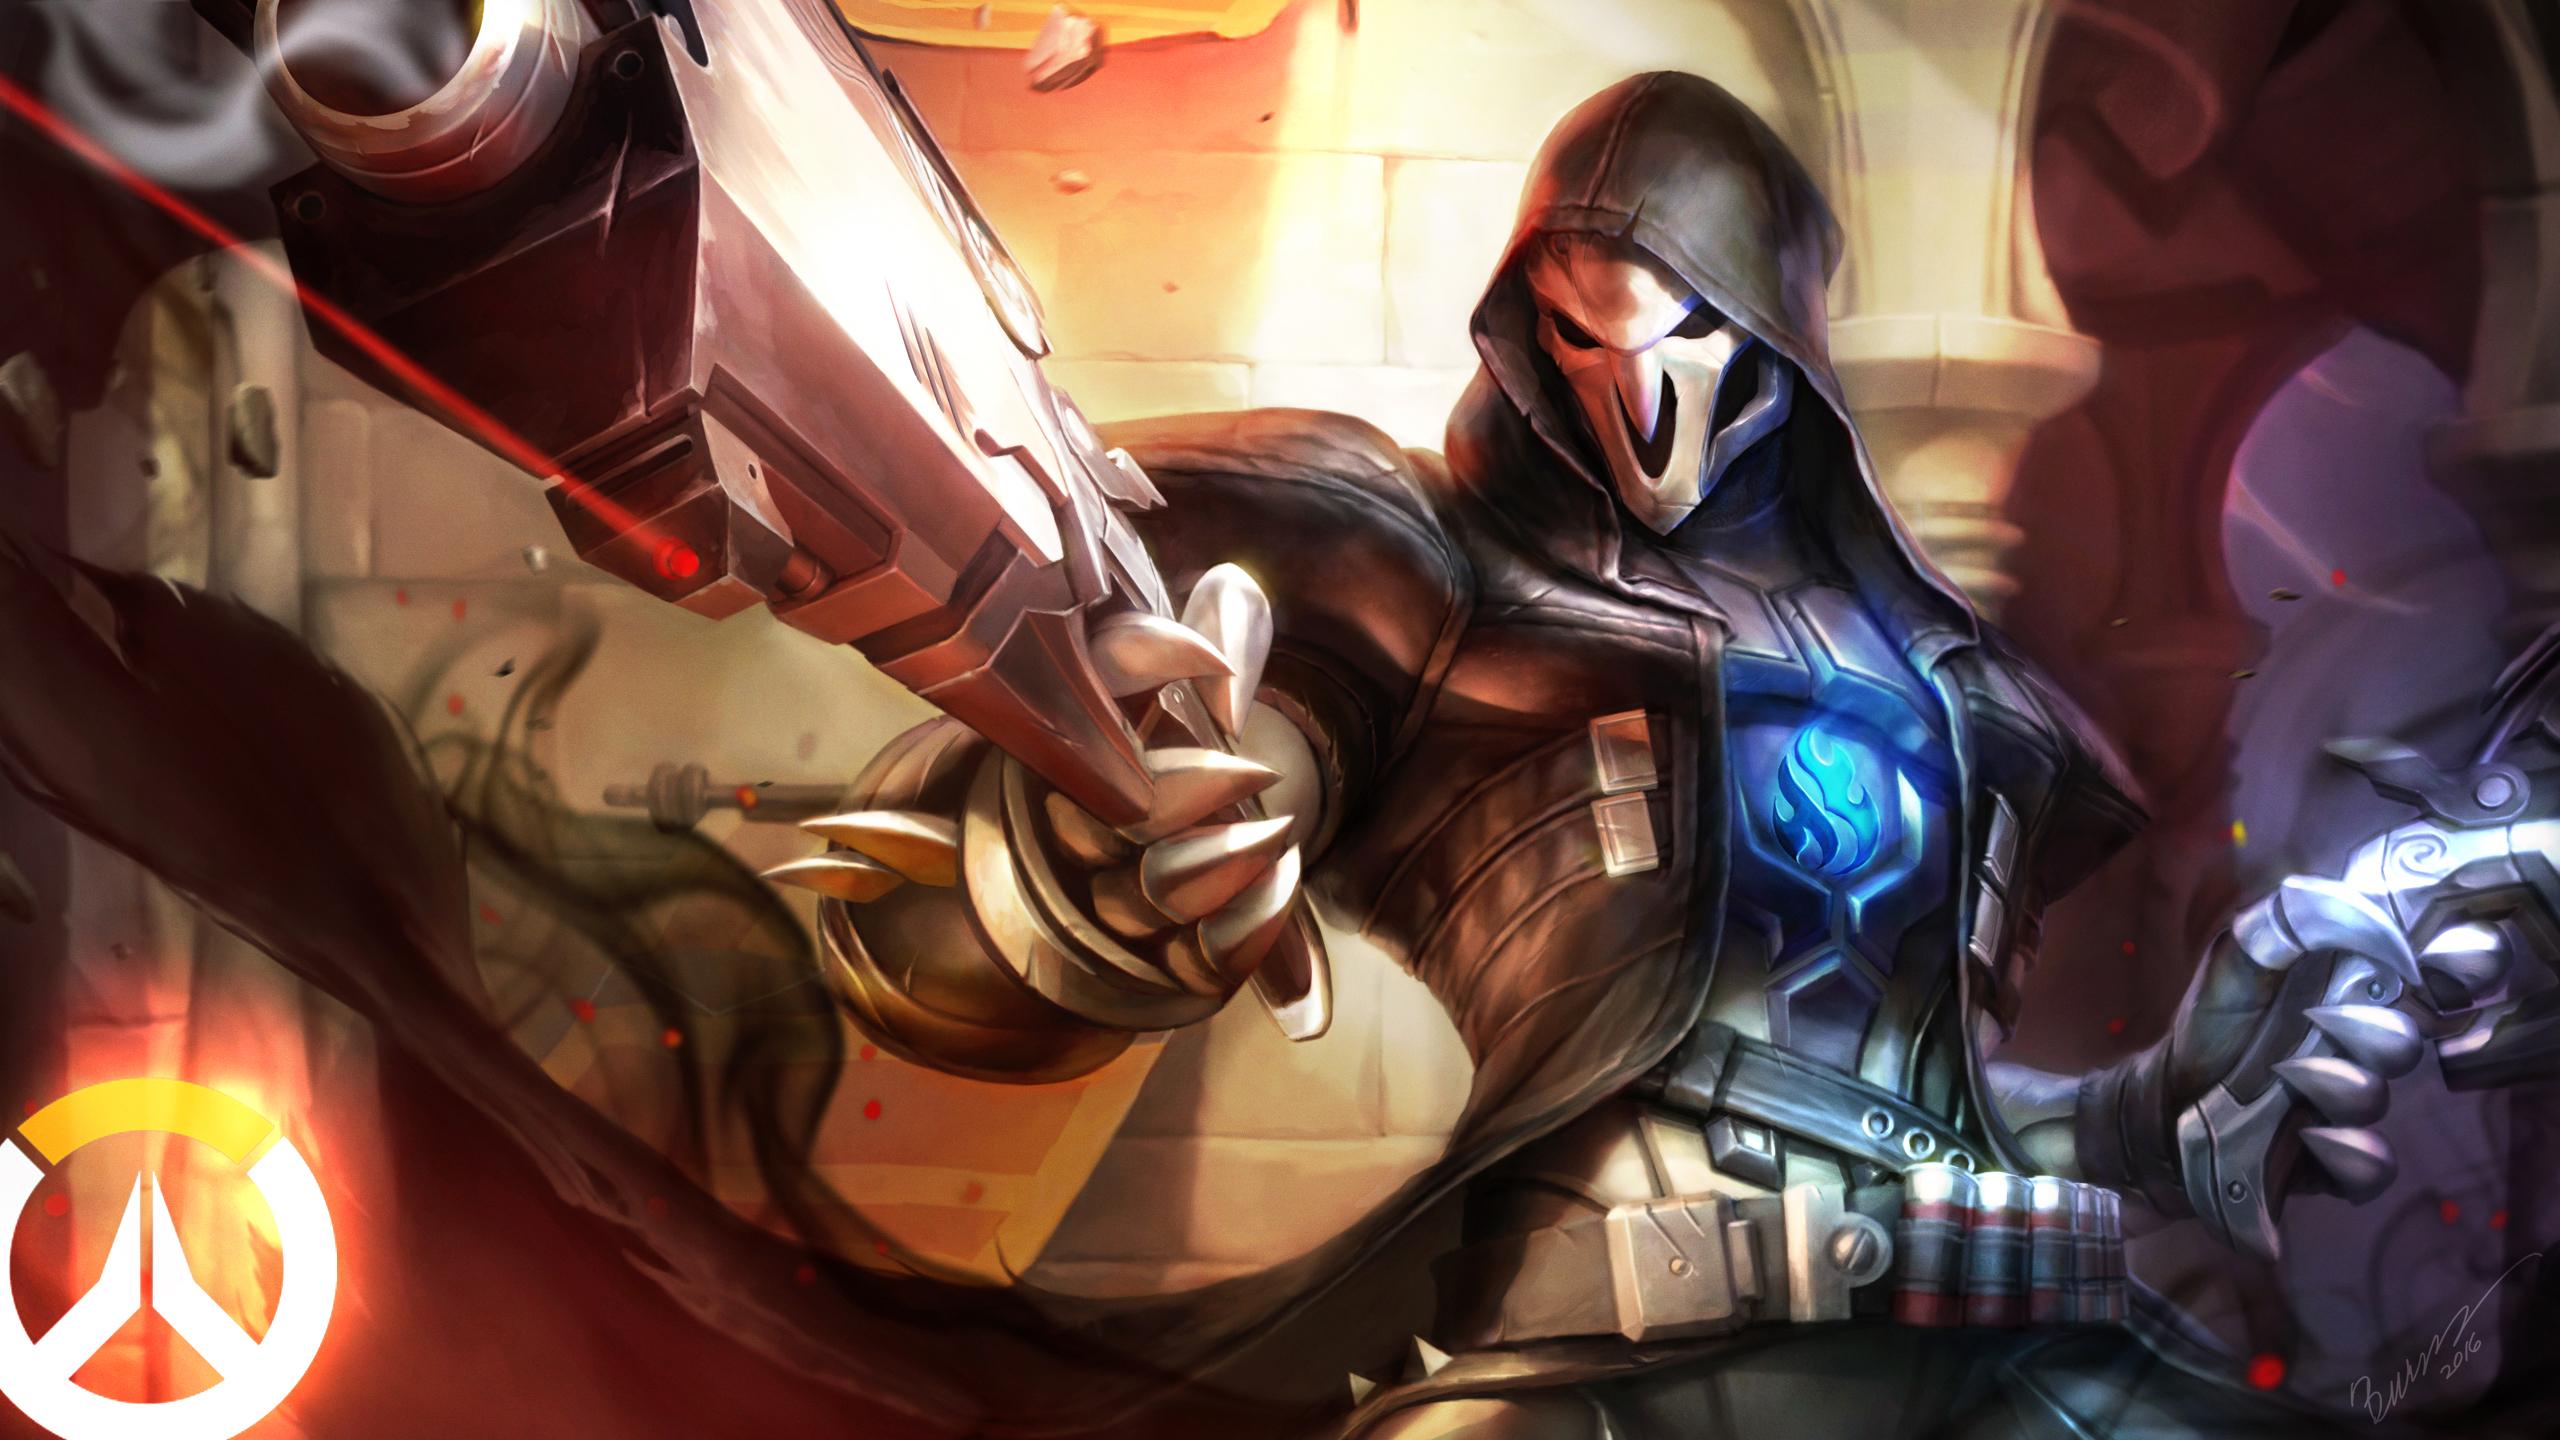 Reaper Overwatch Wallpaper 2177111 Zerochan Anime Image